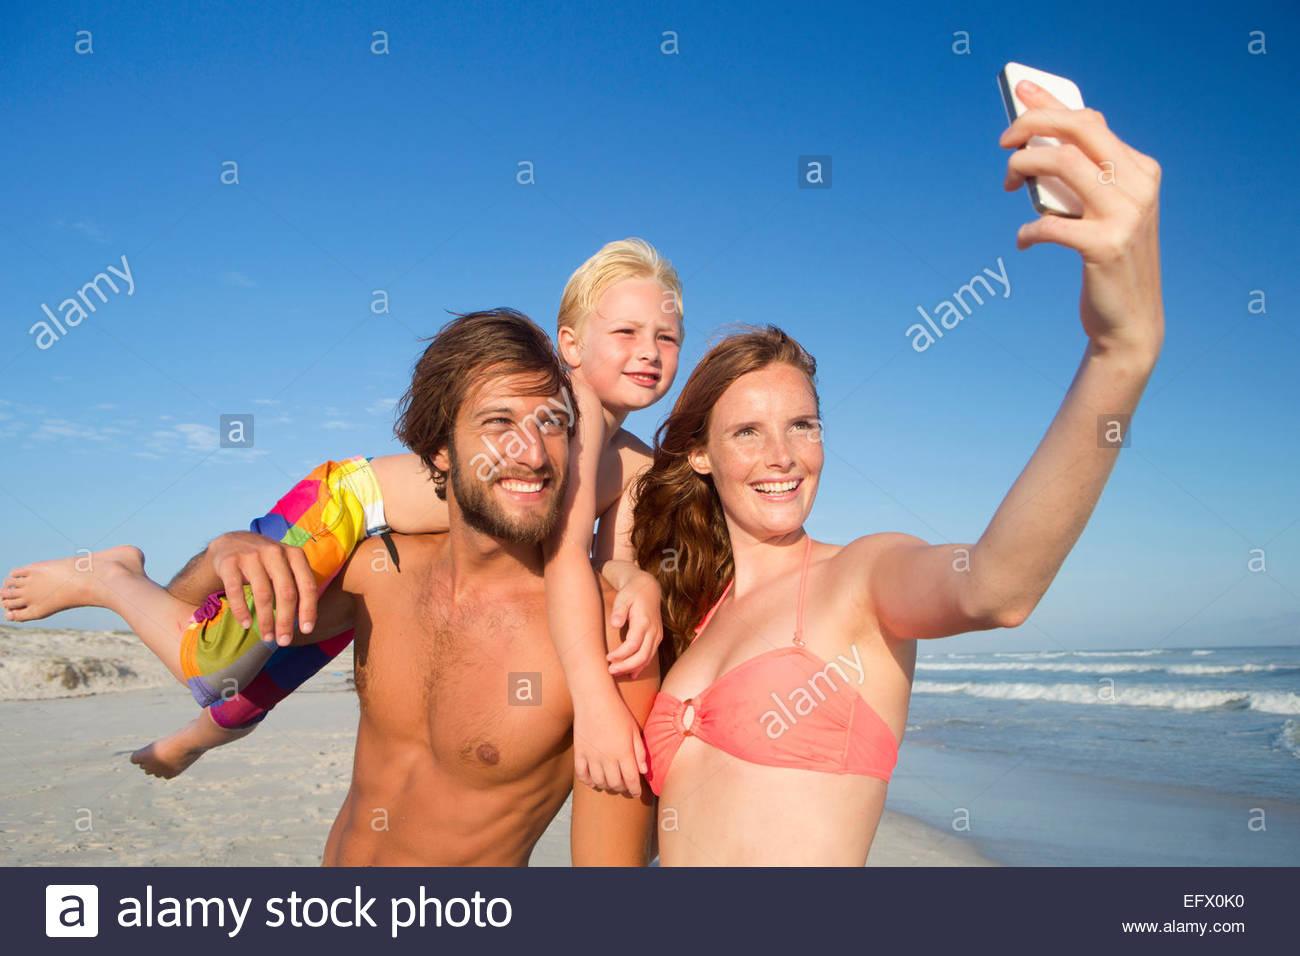 Ritratto di coppia felice con il figlio sulla spalla, tenendo selfie di sunny beach Immagini Stock